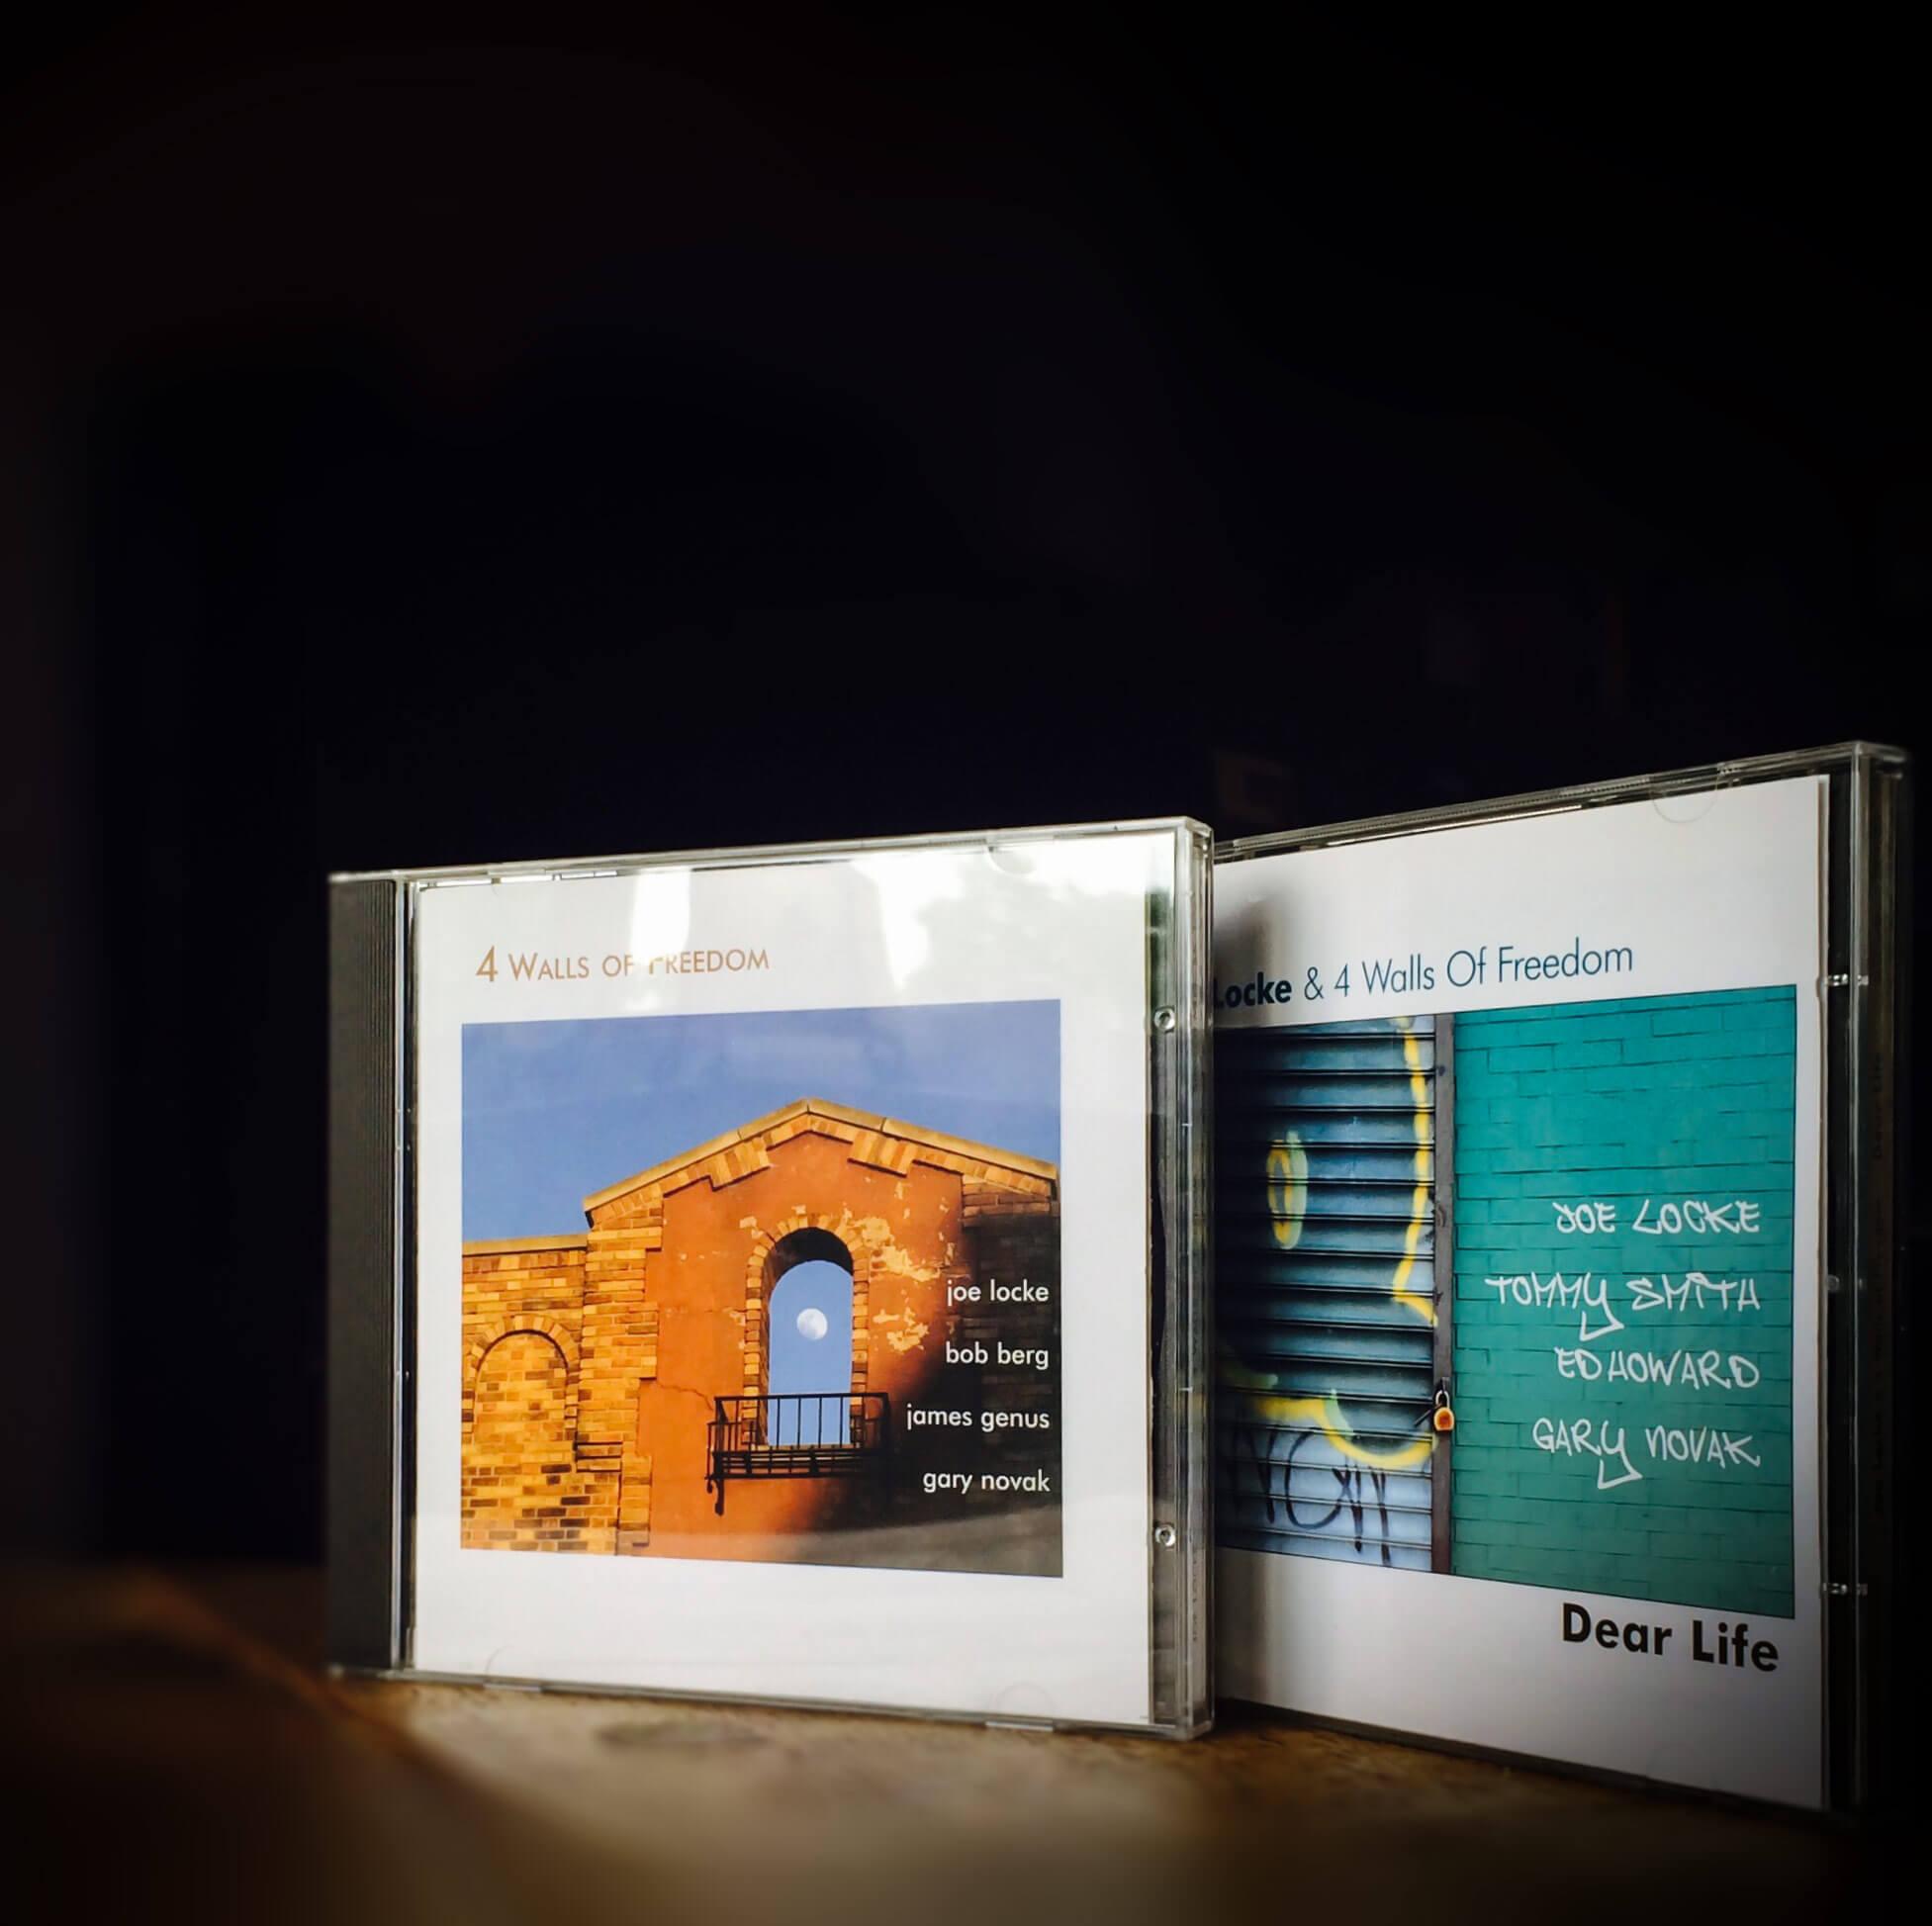 Joe Locke - 4 Walls Of Freedom - Double Locke